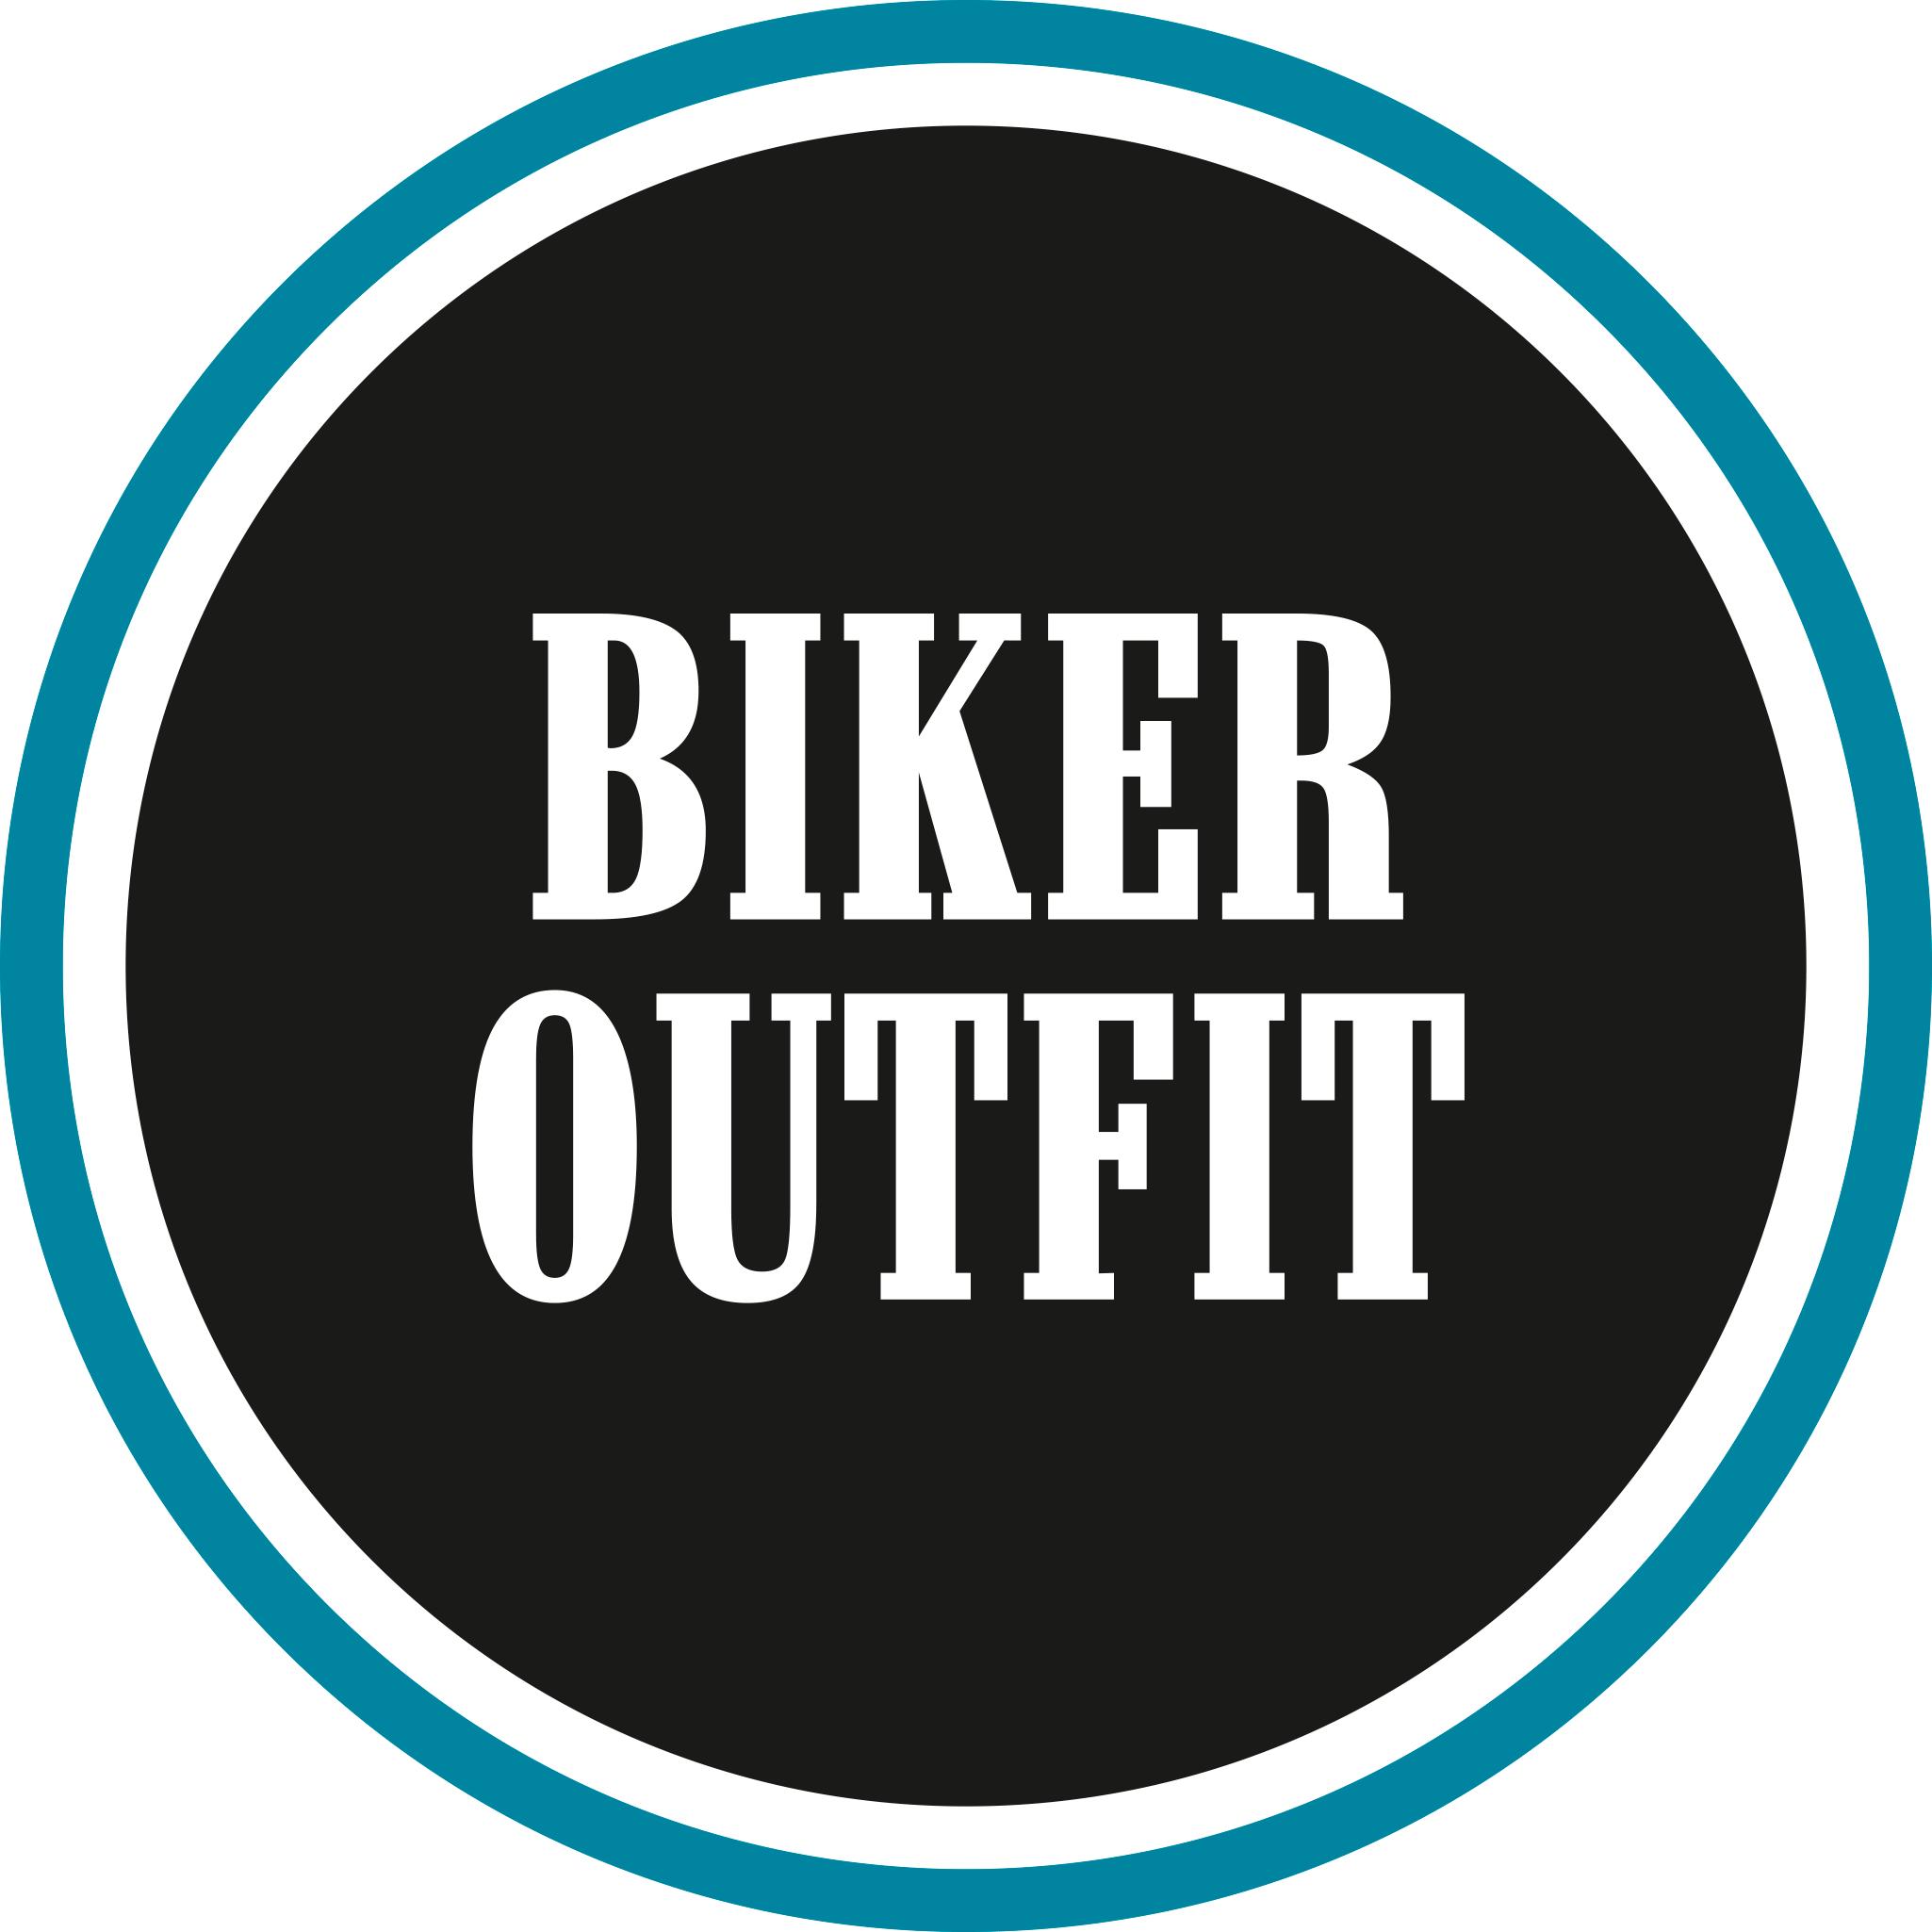 Motorkleding kopen? Gratis verzenden vanaf €50 - Biker Outfit